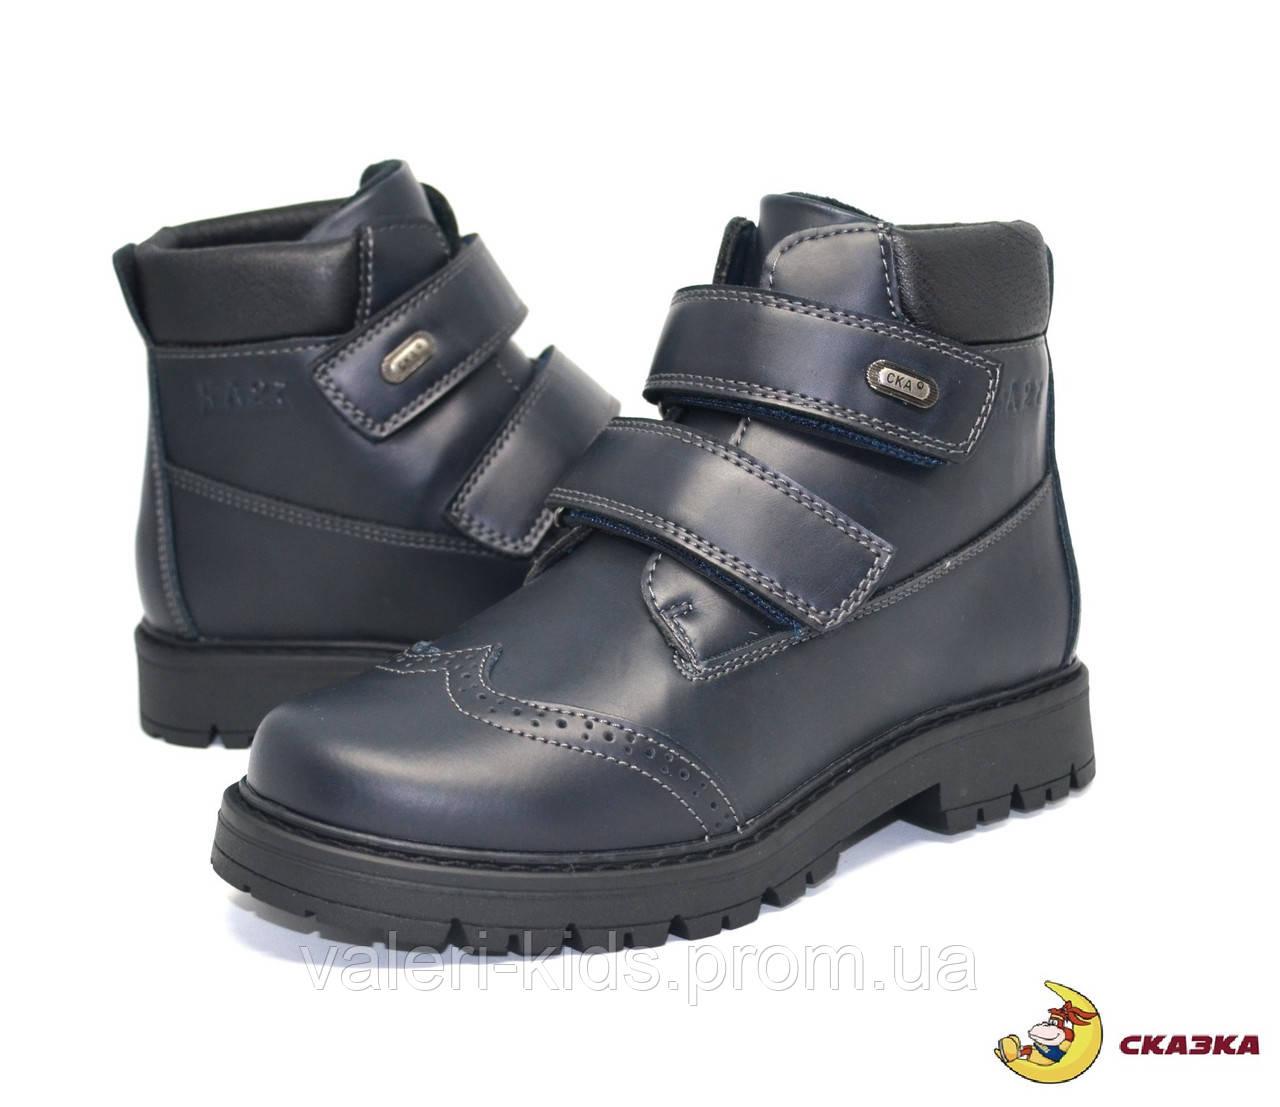 a4c2e40394fc21 Детские демисезонные ботинки ТМ Сказка. 33р: продажа, цена в ...